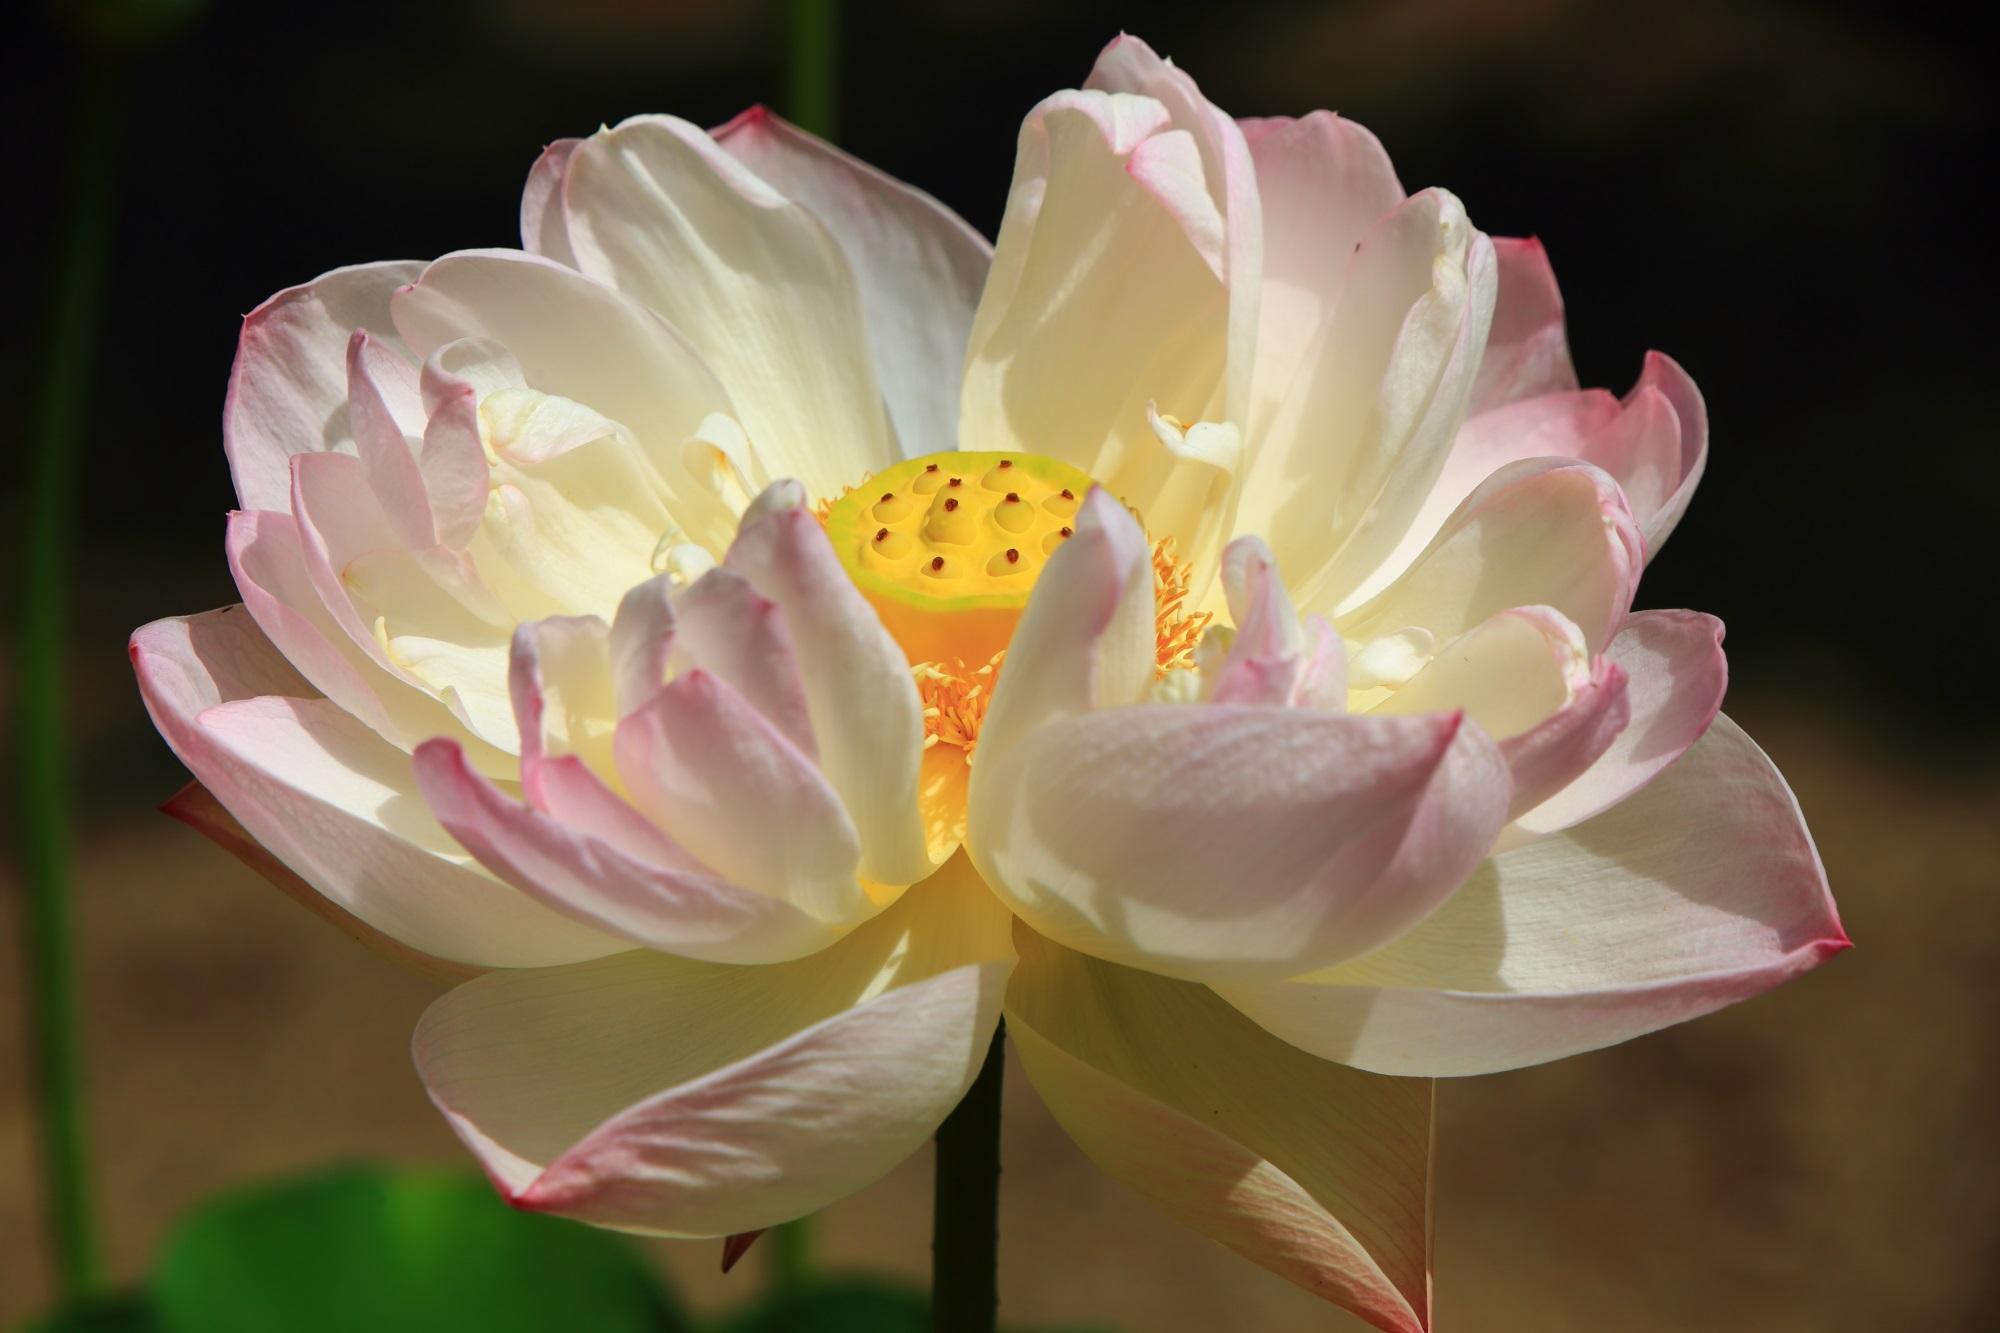 黄檗山萬福寺の天王殿前の華やかに咲き誇る煌びやかな蓮の花